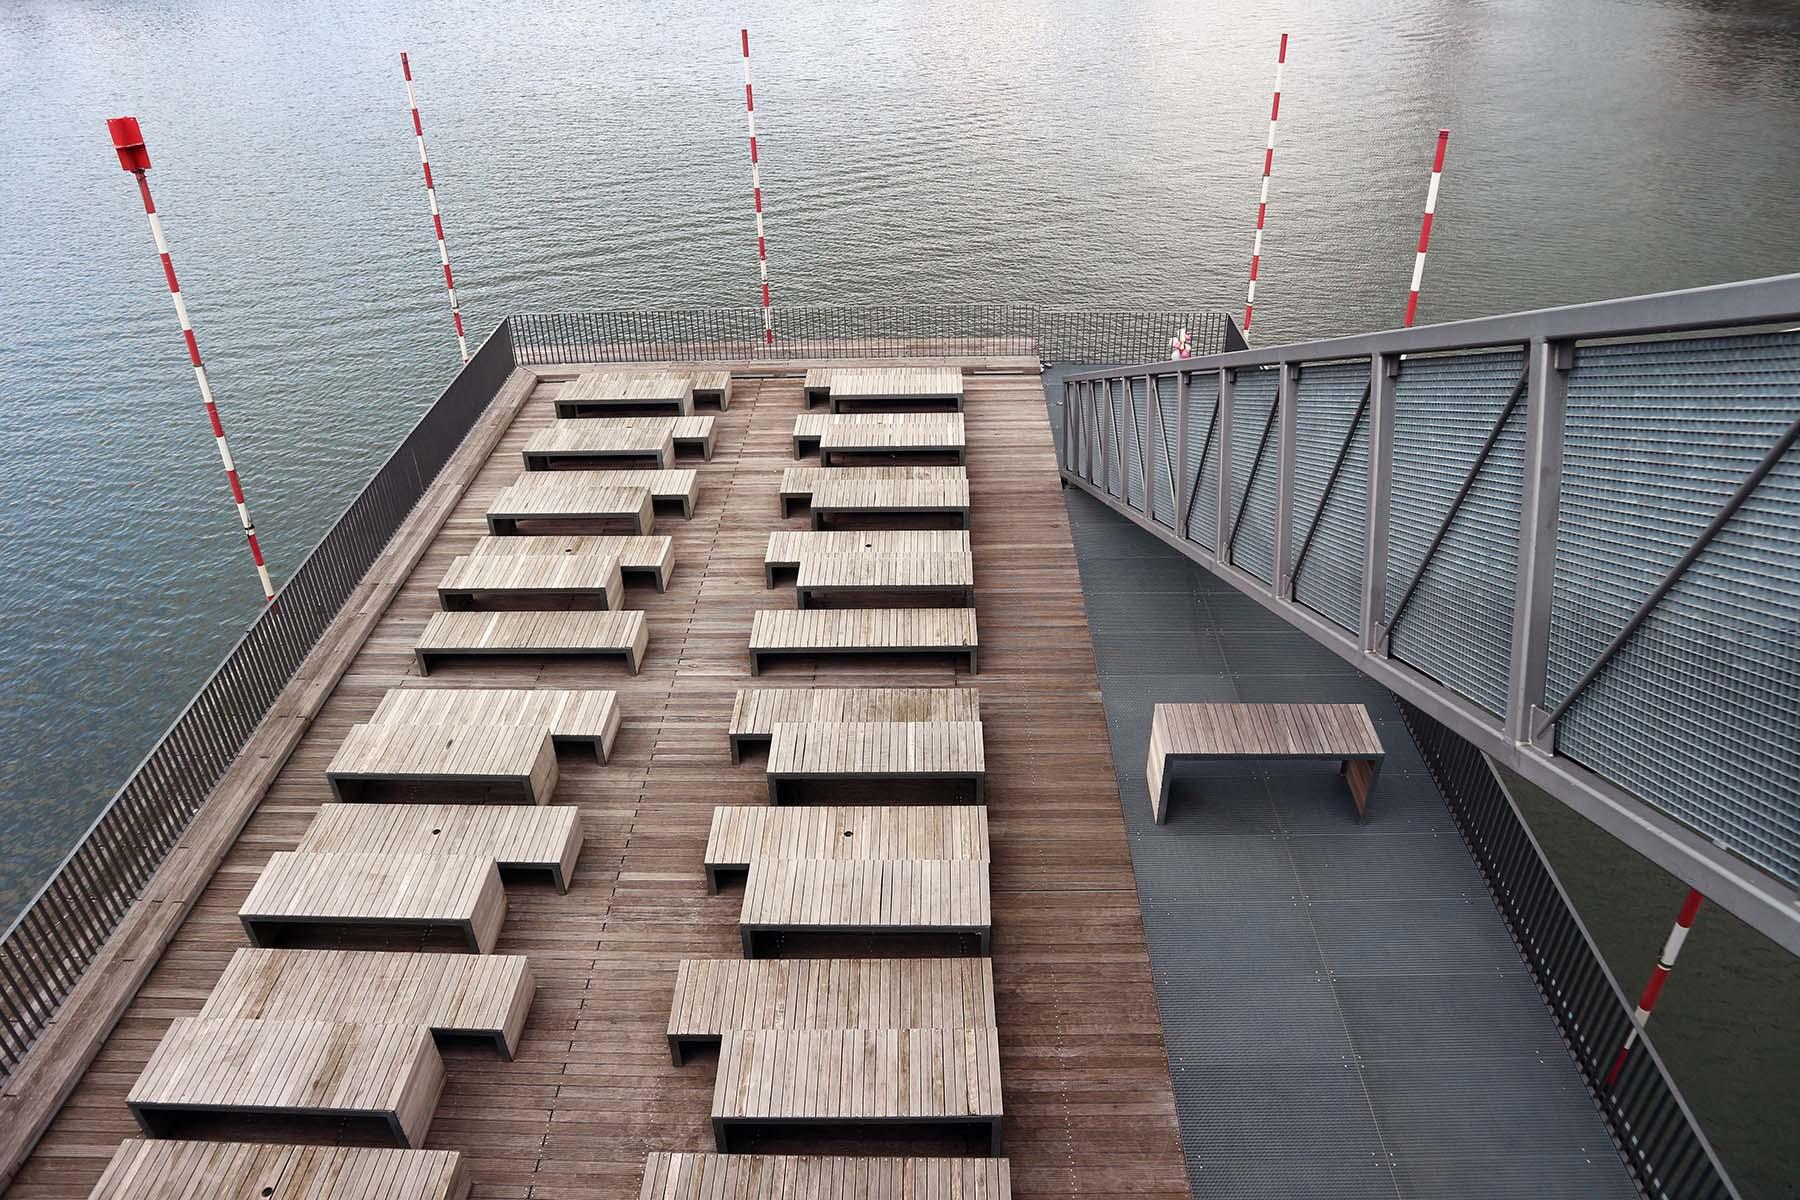 The Living Bridge. wurde mit einem gläsernen Brückenhaus für ein Restaurant auf zwei Etagen und mit Terrasse gestaltet.